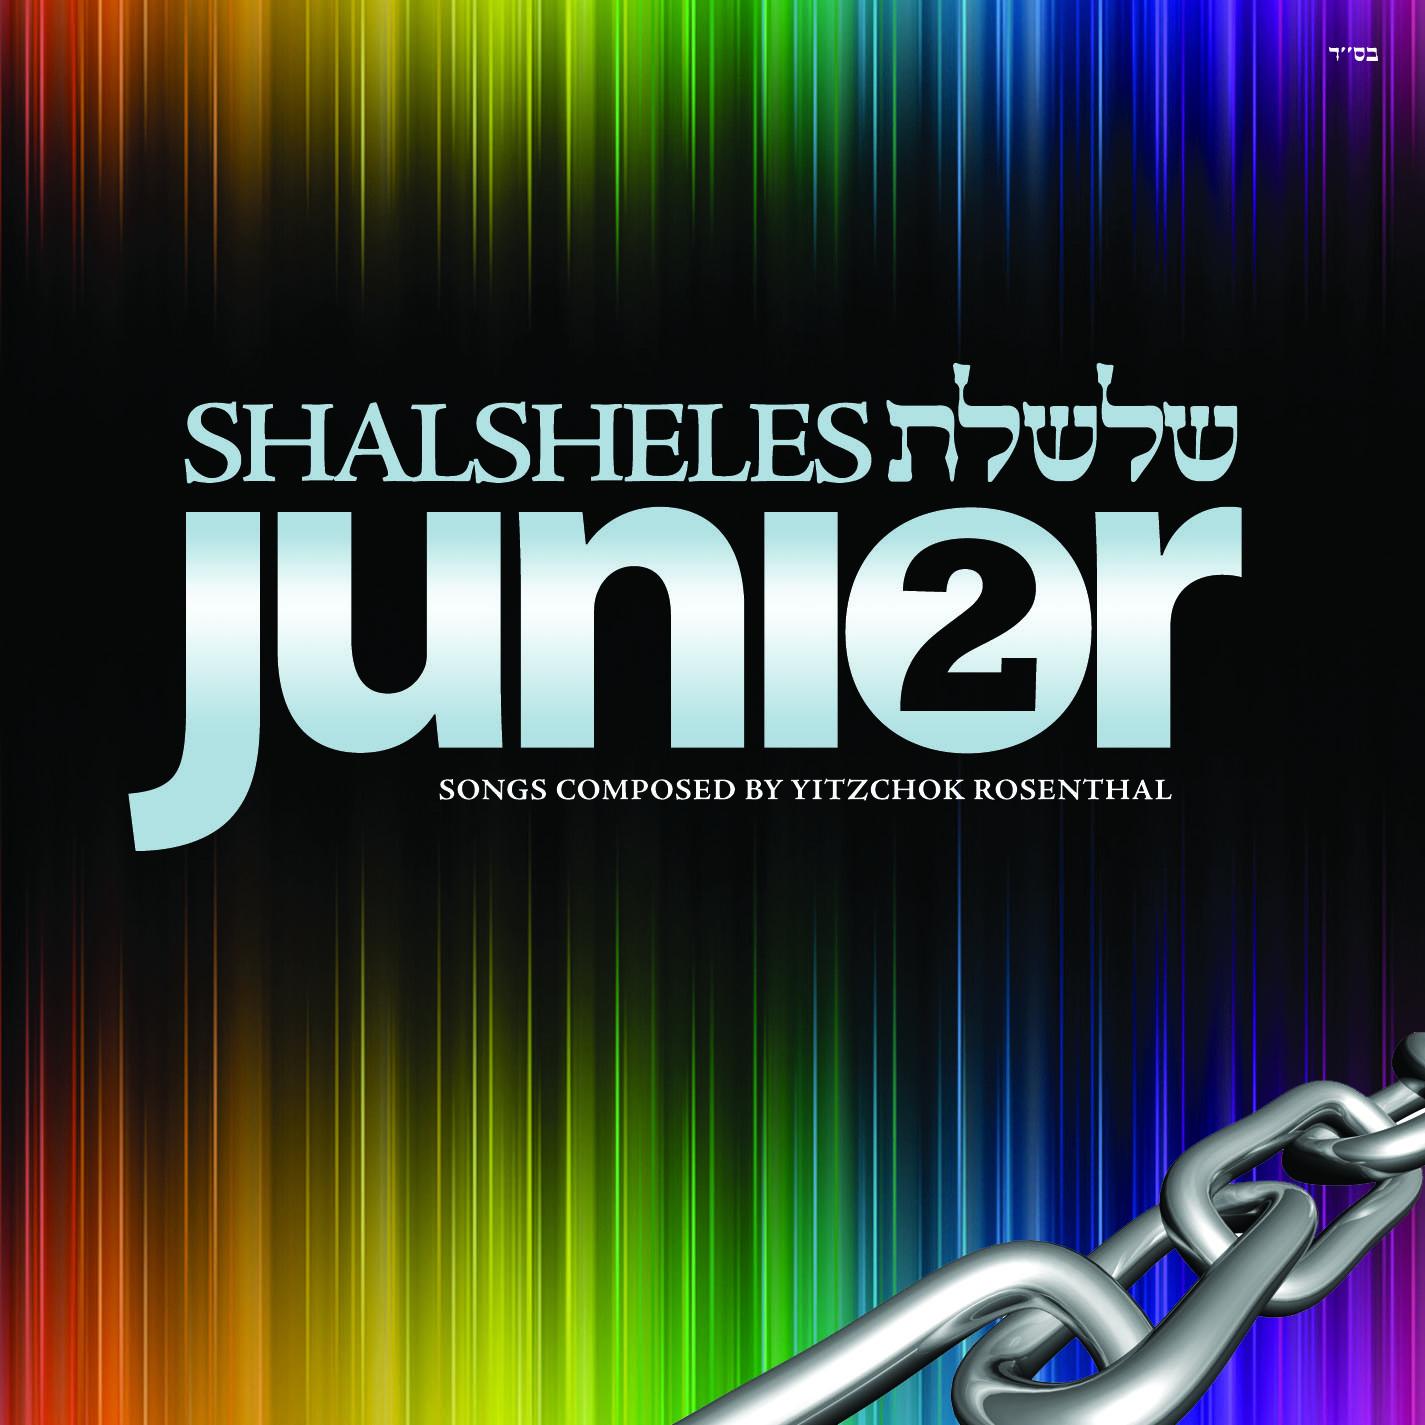 Shalsheles 5